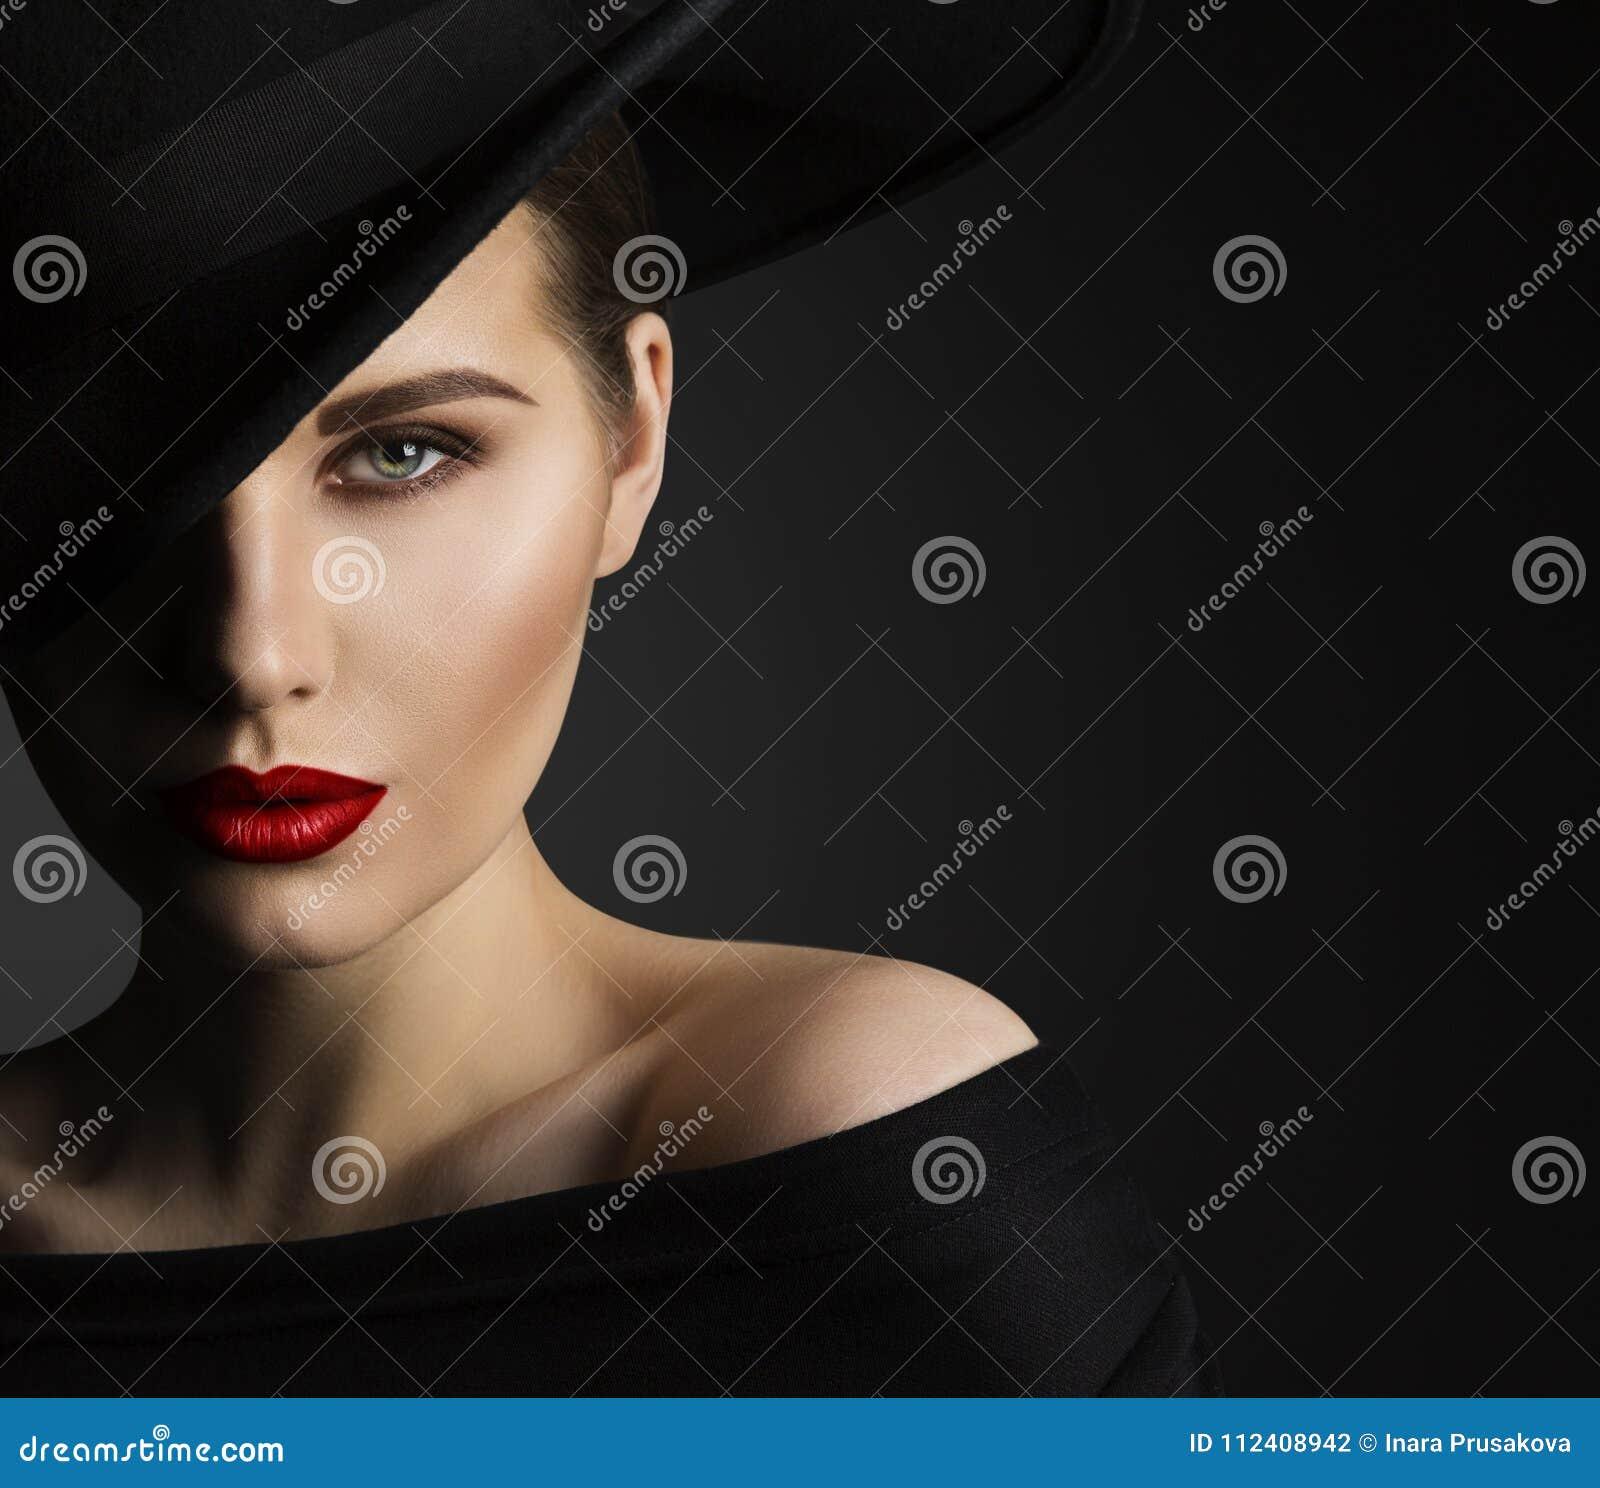 Modemodell Beauty Portrait, kvinnaskönhet, elegant svart hatt